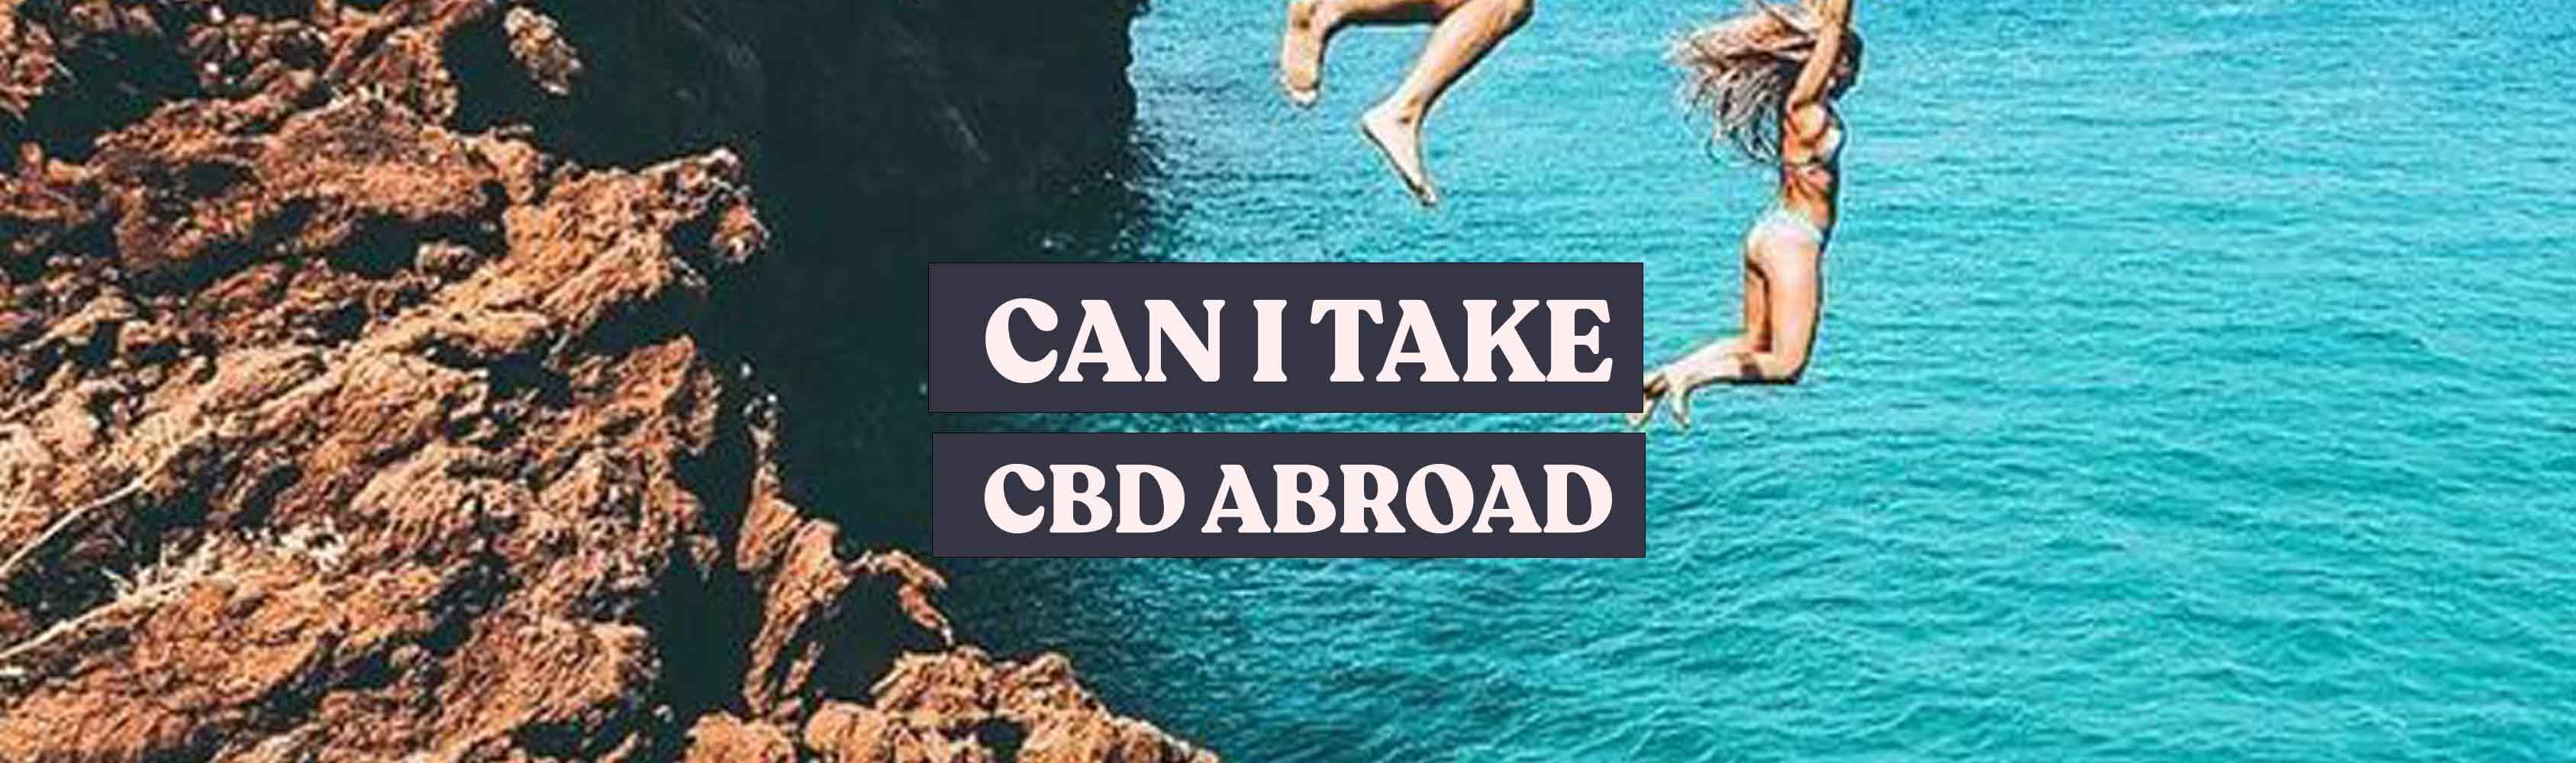 can i take cbd abroad